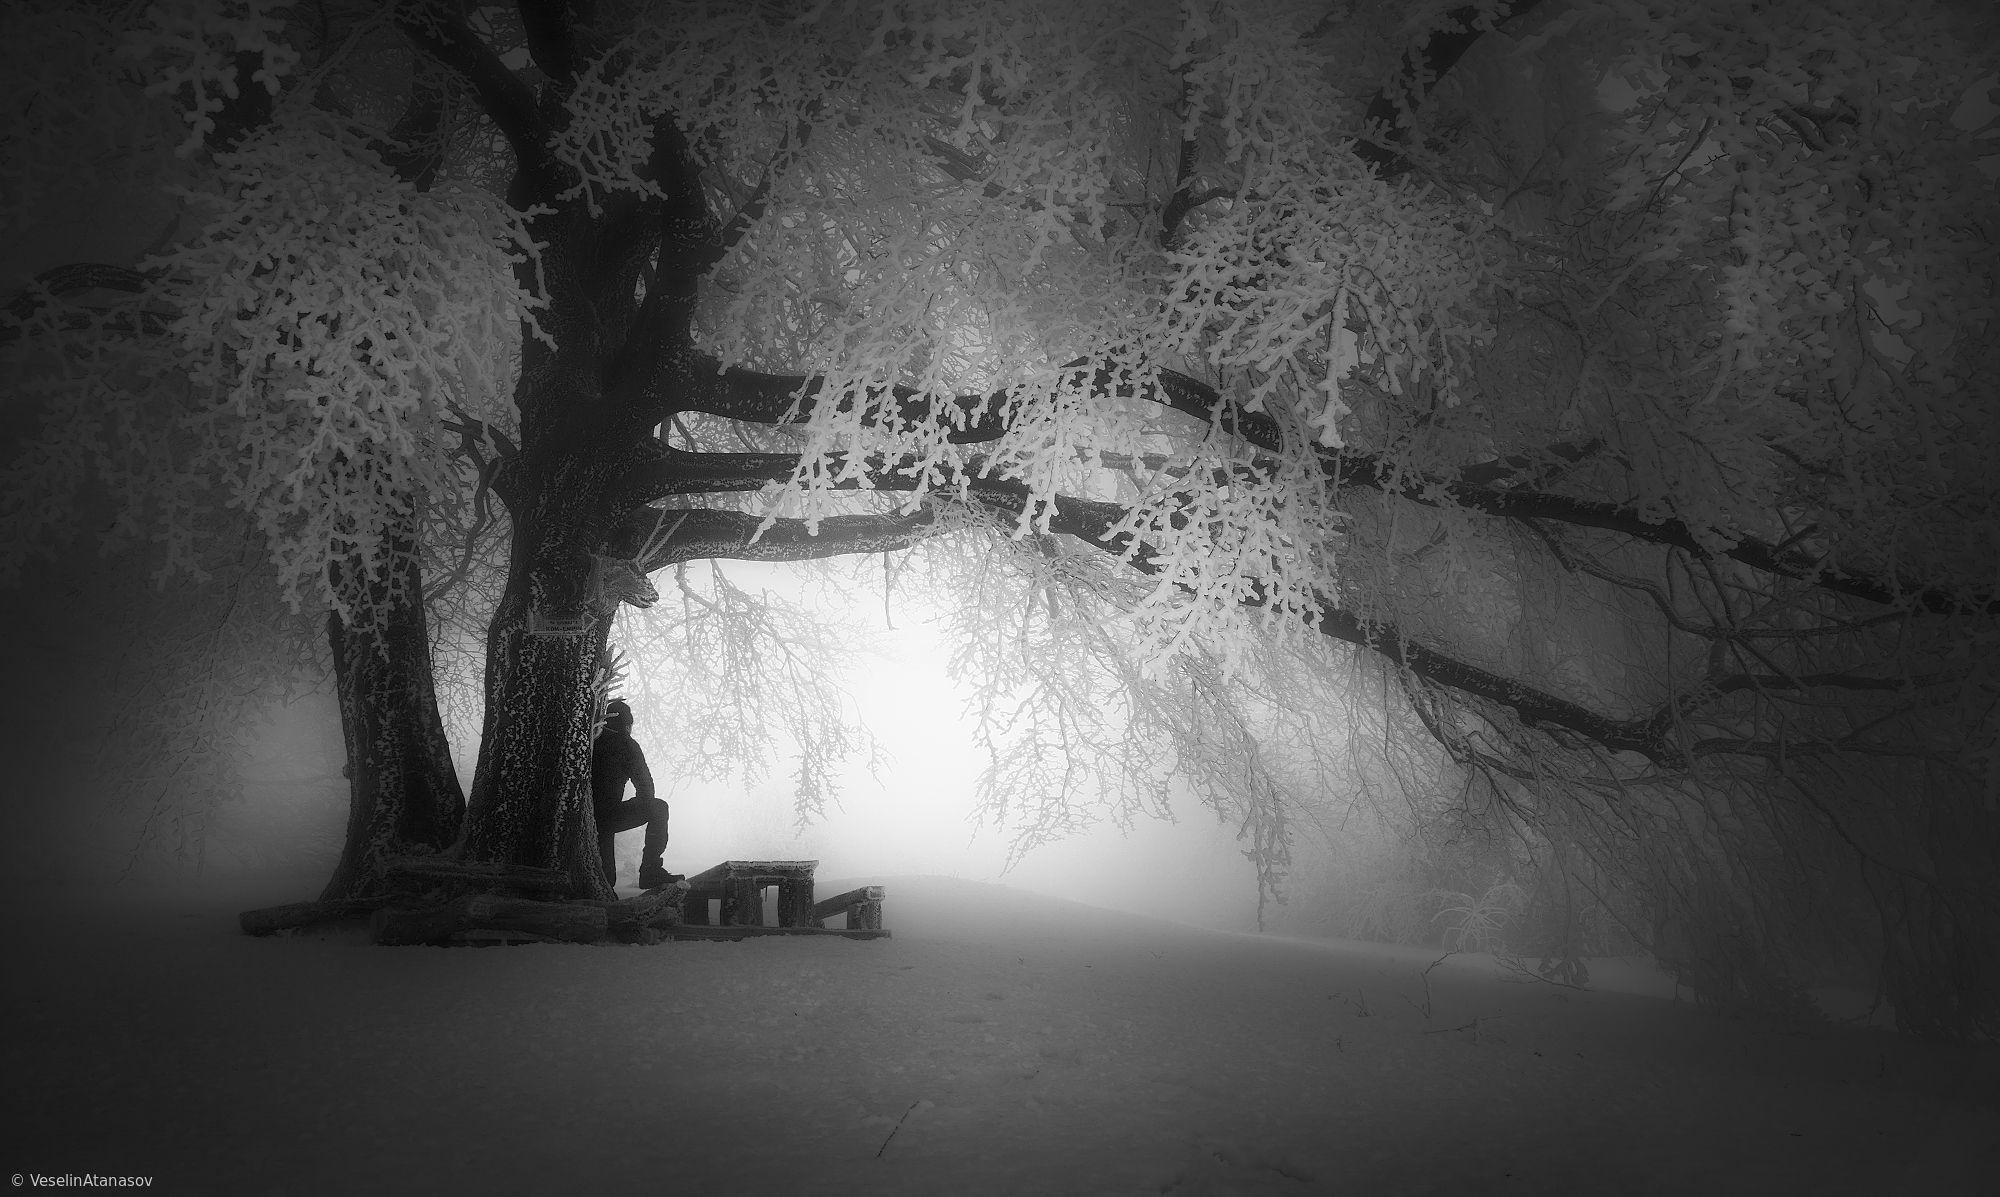 reflection (by Veselin Atanasov) | Photo, Photography, Scenery